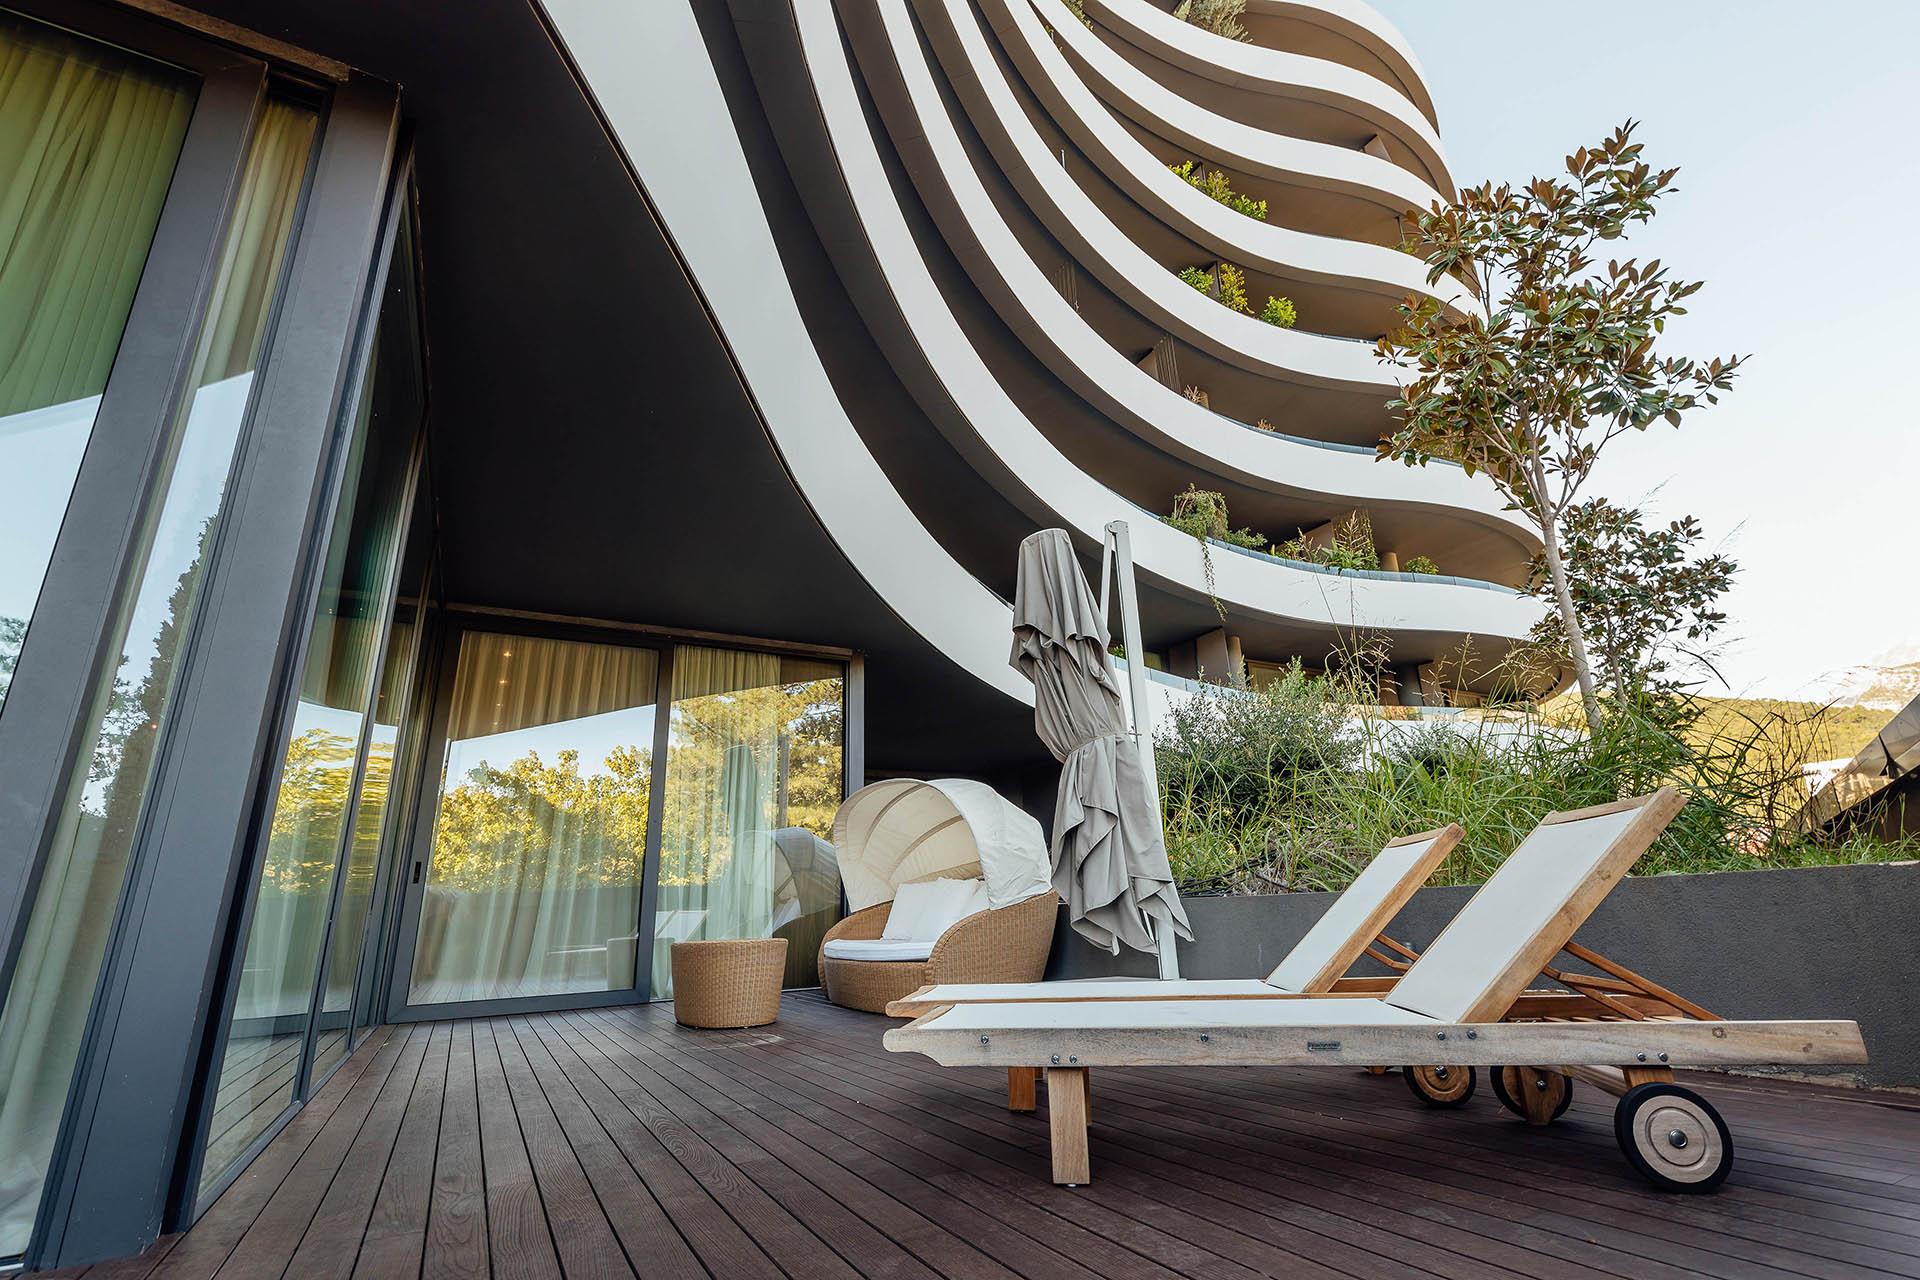 Budva, Royal Gardens – savremeno dizajniran apartman s pogledom na park i marinu